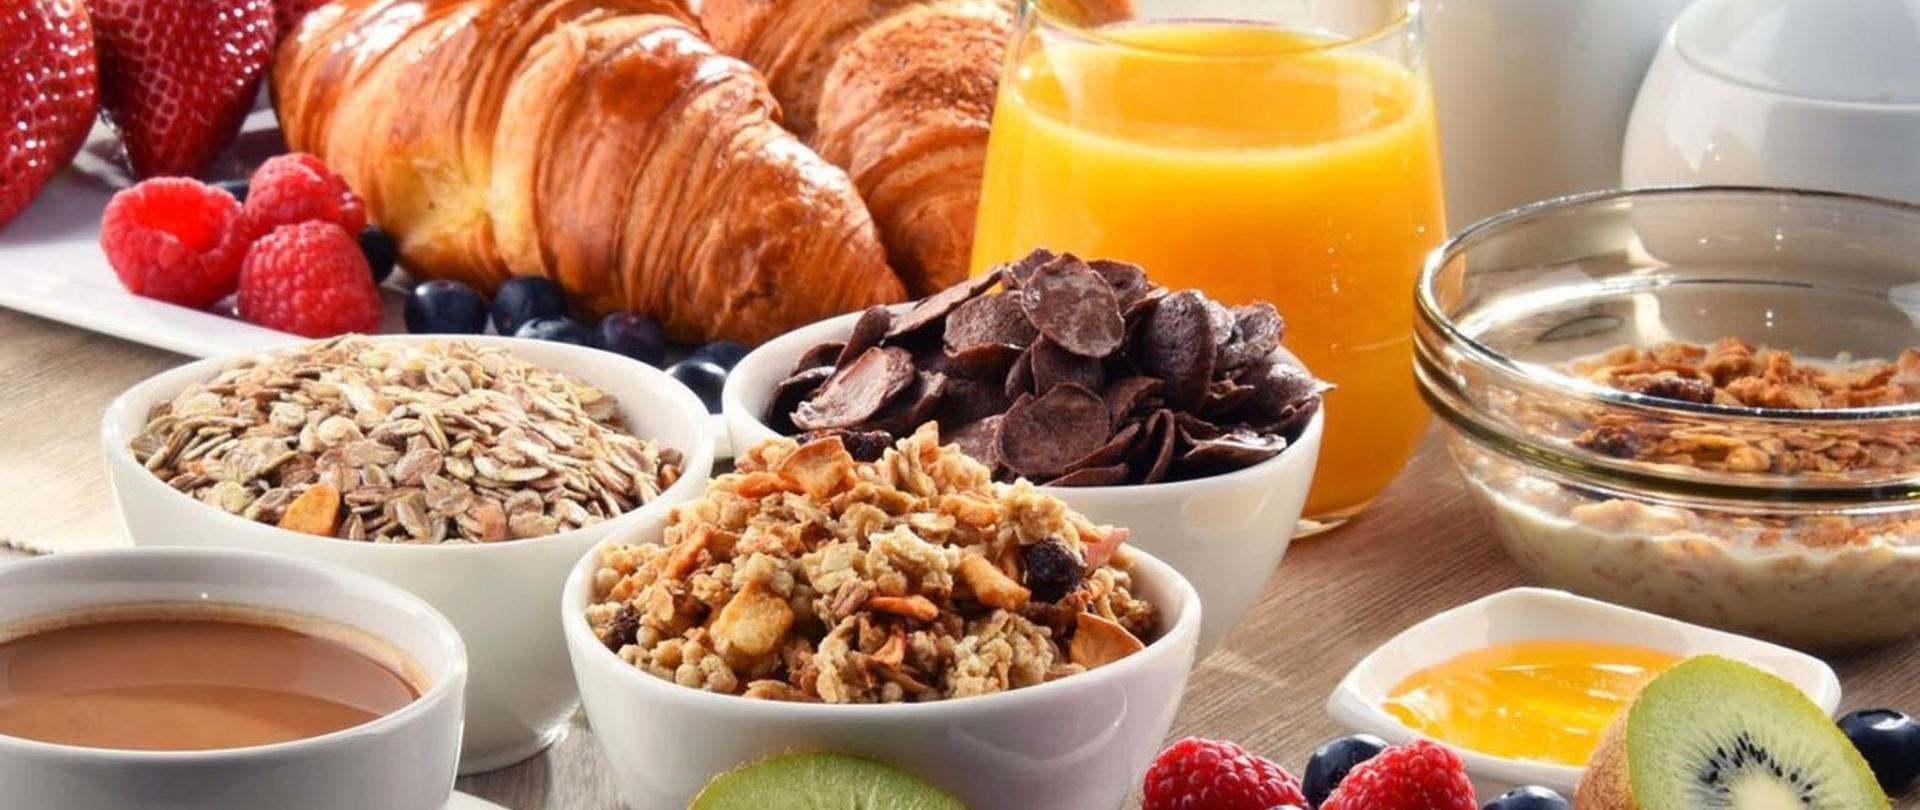 Petit-déjeuner-e1518475949909.jpg